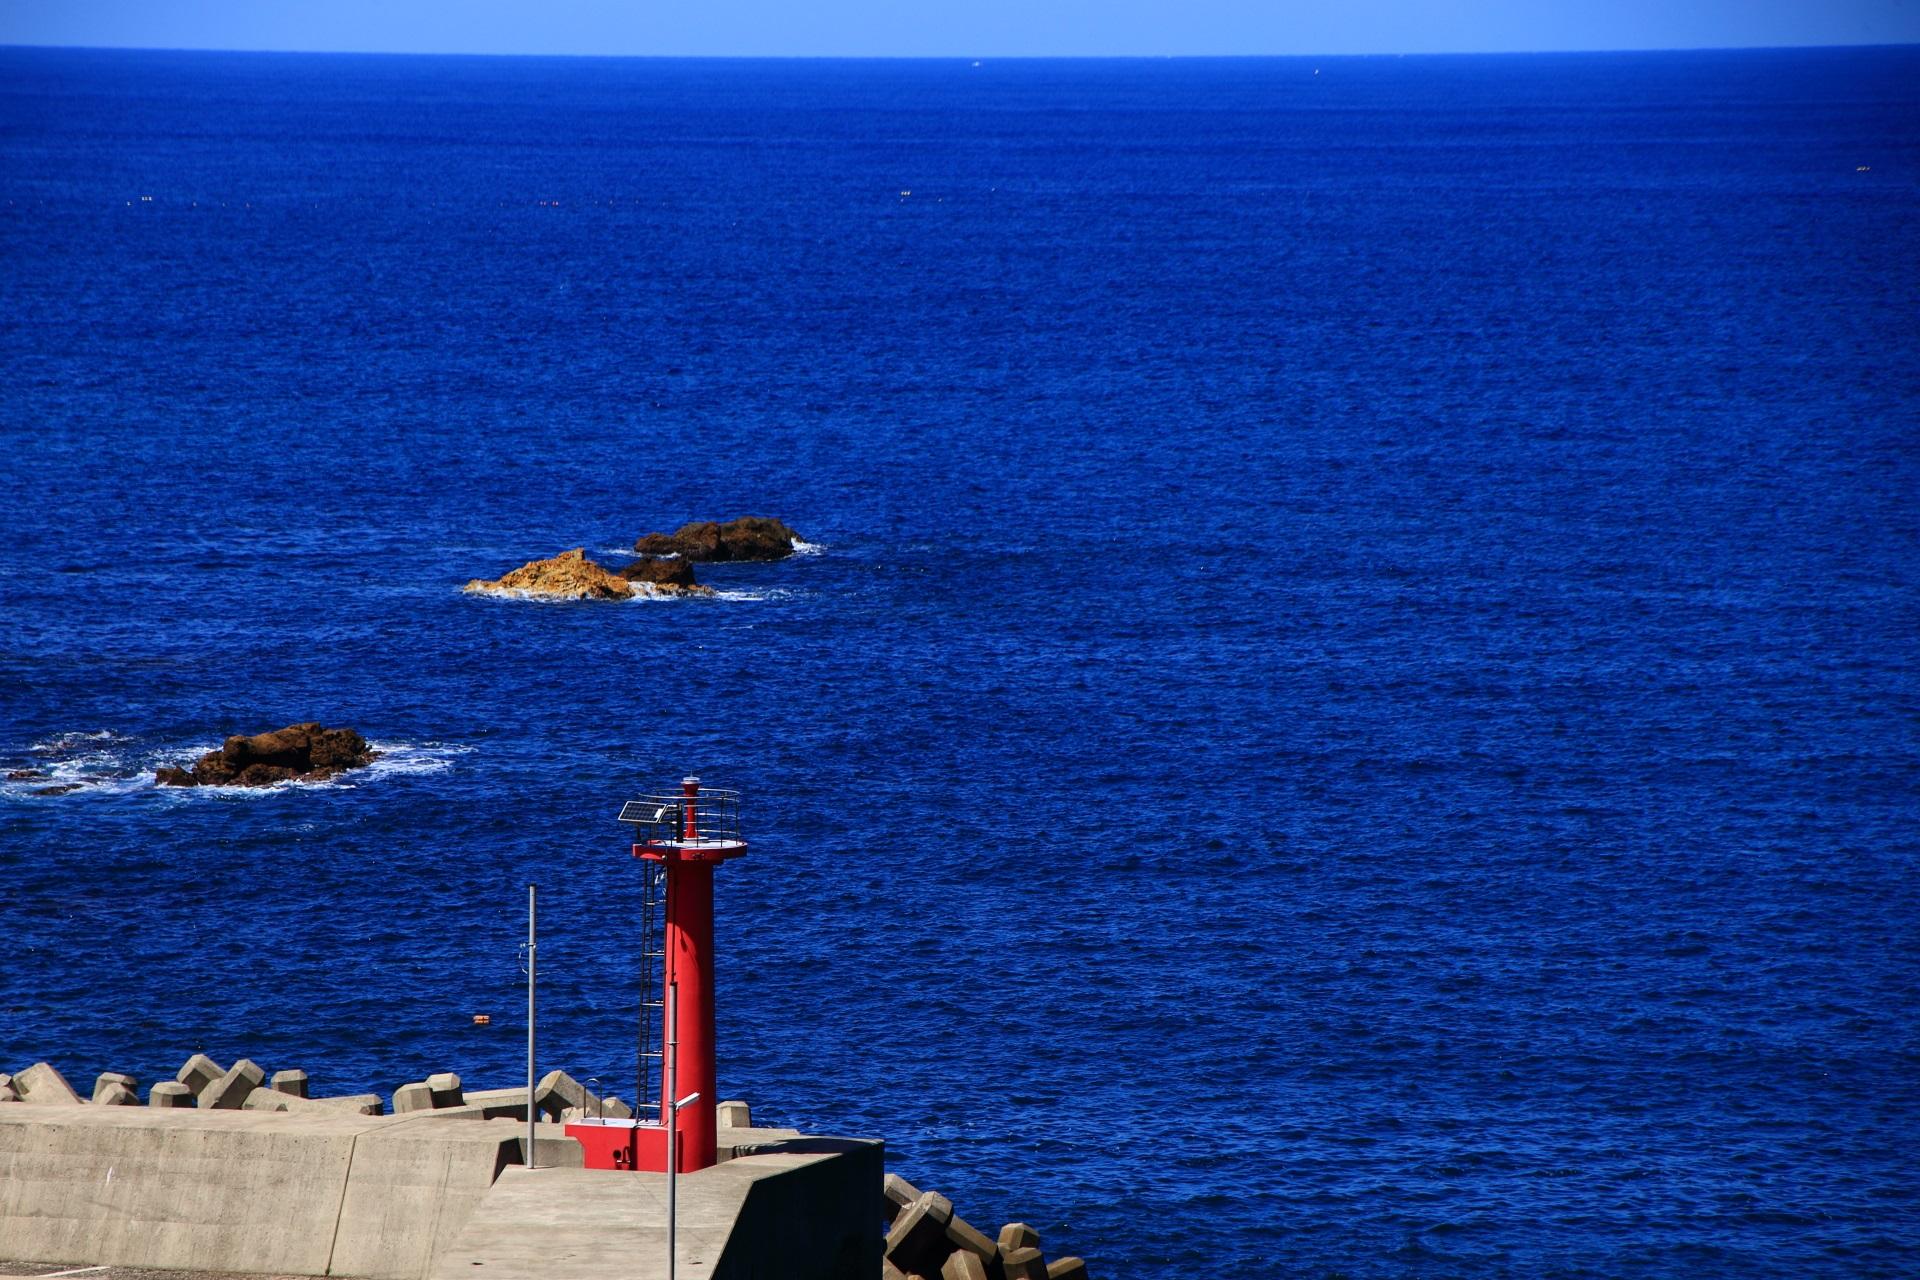 五色浜の西側にある川の河口付近の赤い灯台と青い日本海